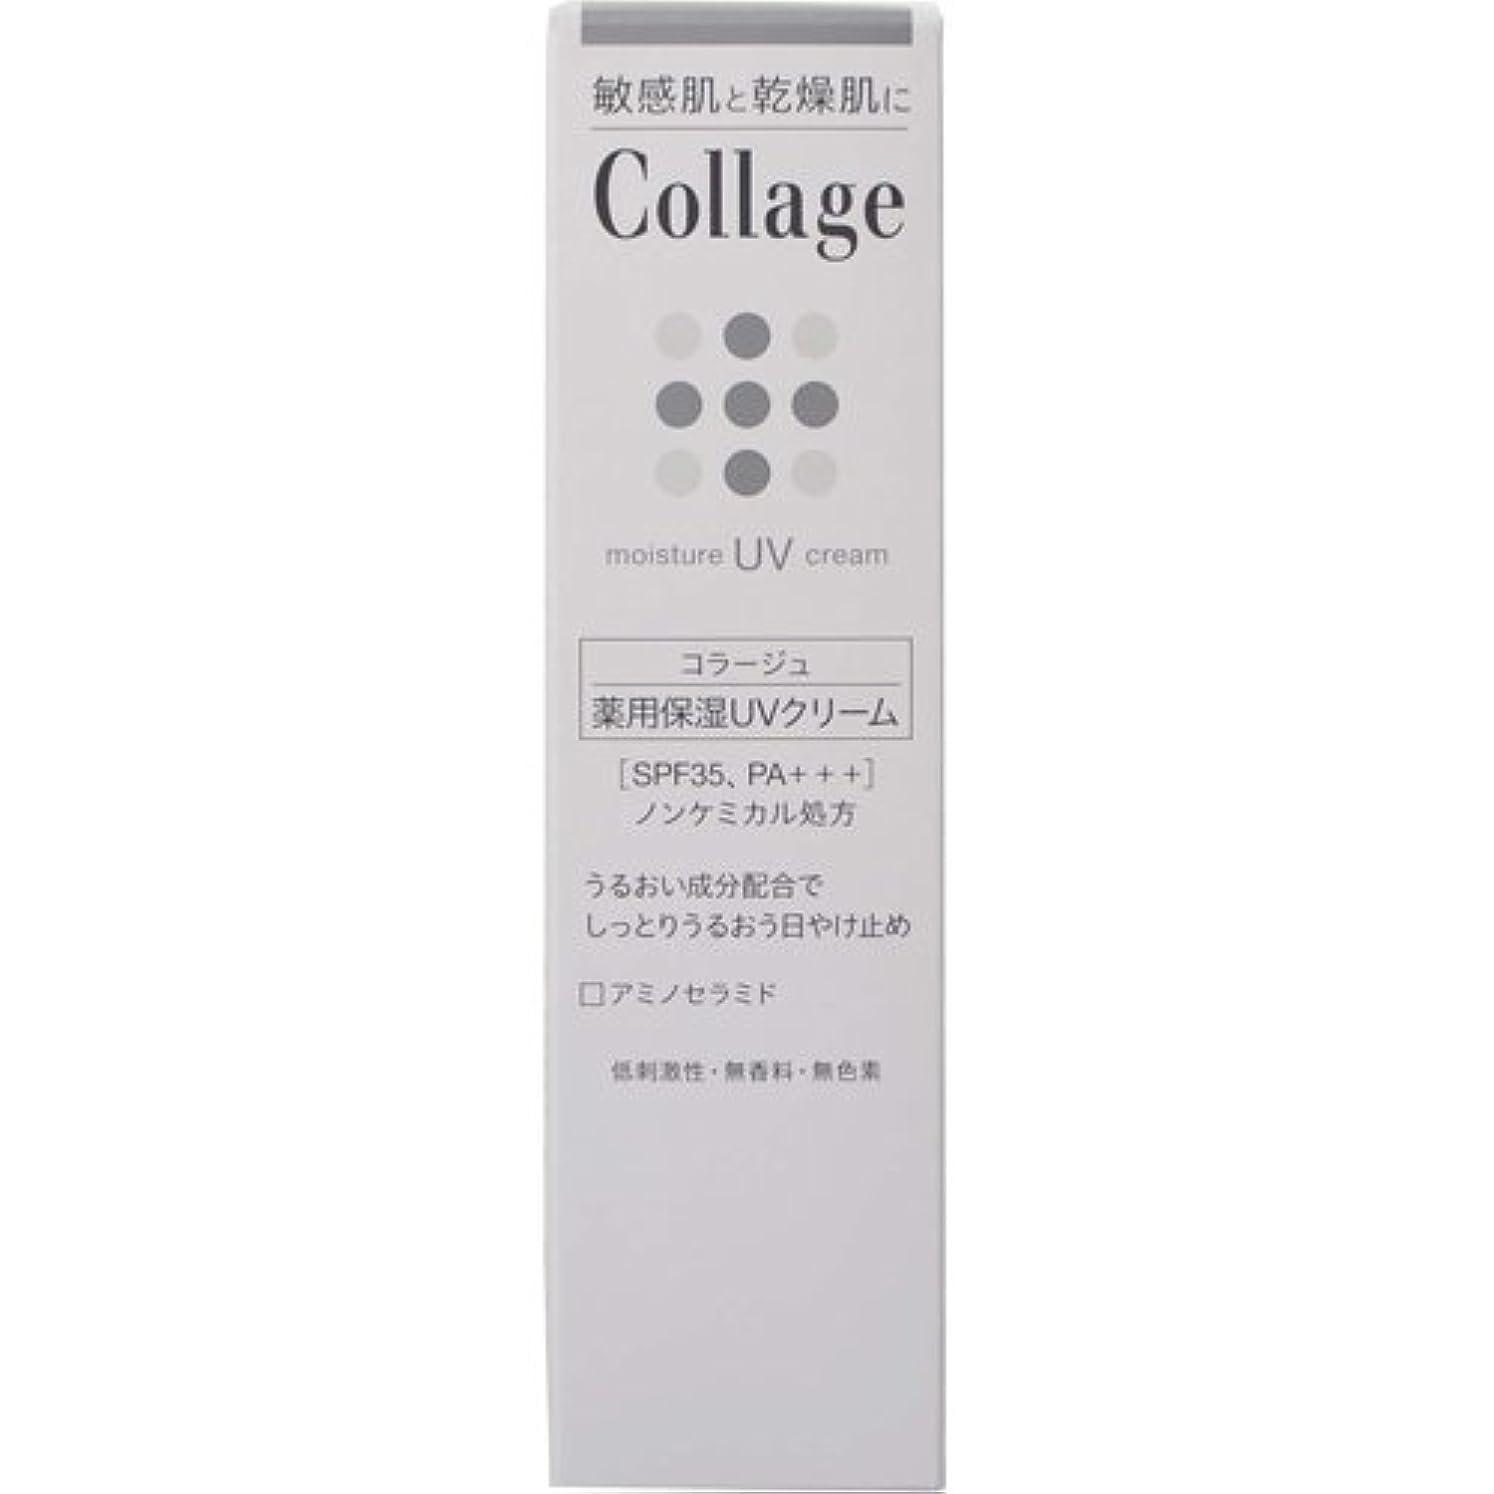 強打咽頭キーコラージュ 薬用保湿UVクリーム 30g 【医薬部外品】